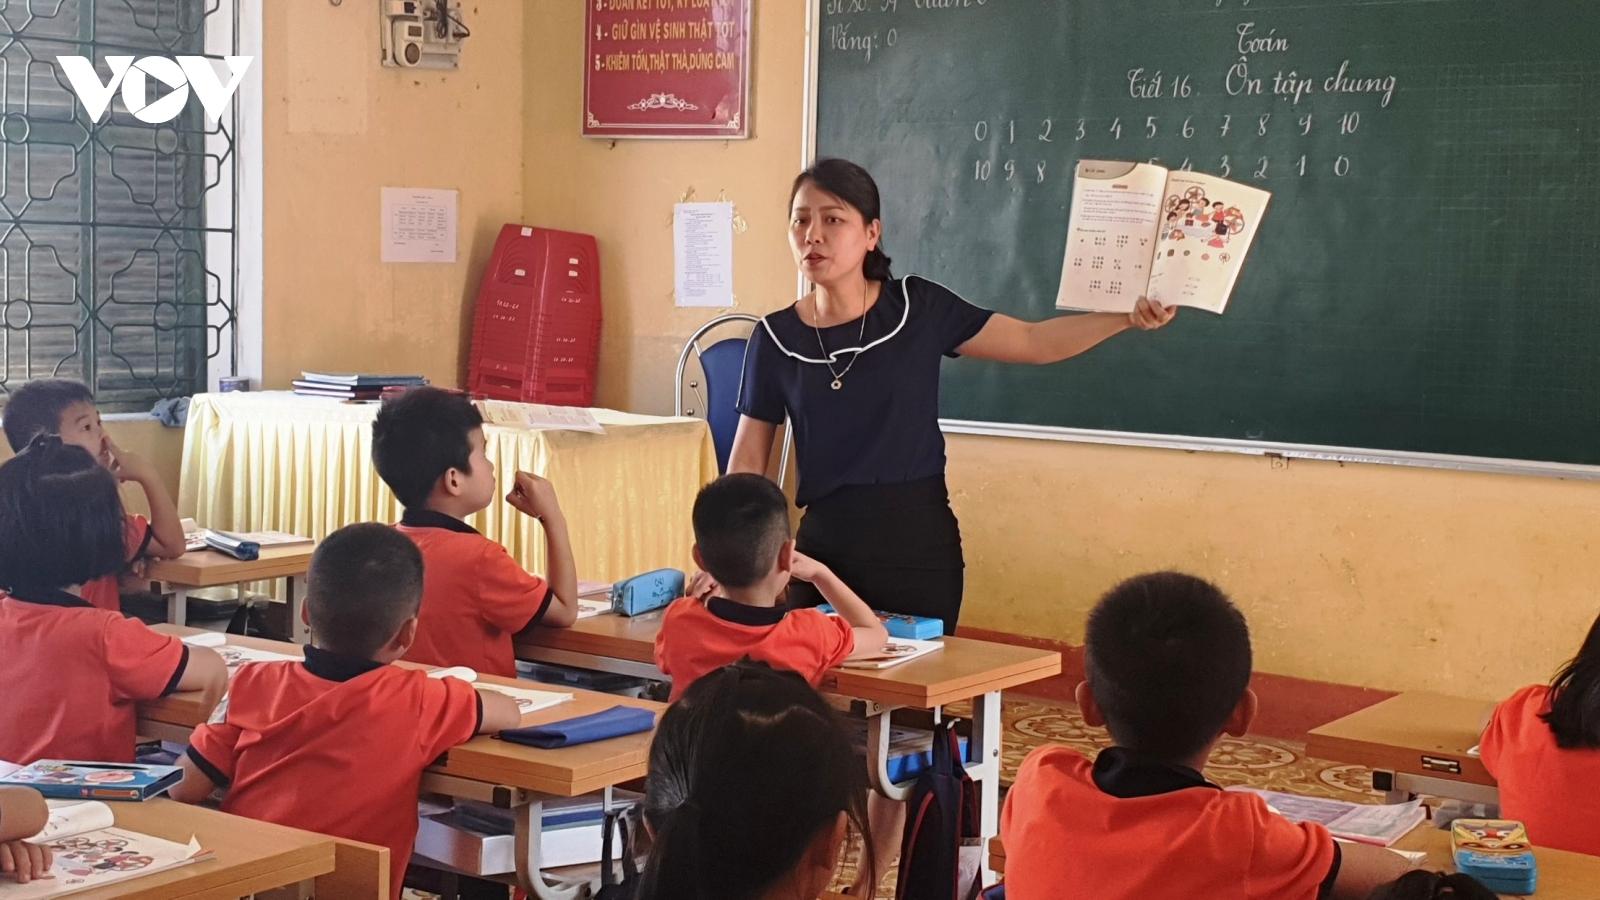 Triển khai dạy sách lớp 1 ở tỉnh miền núi Yên Bái tương đối thuận lợi